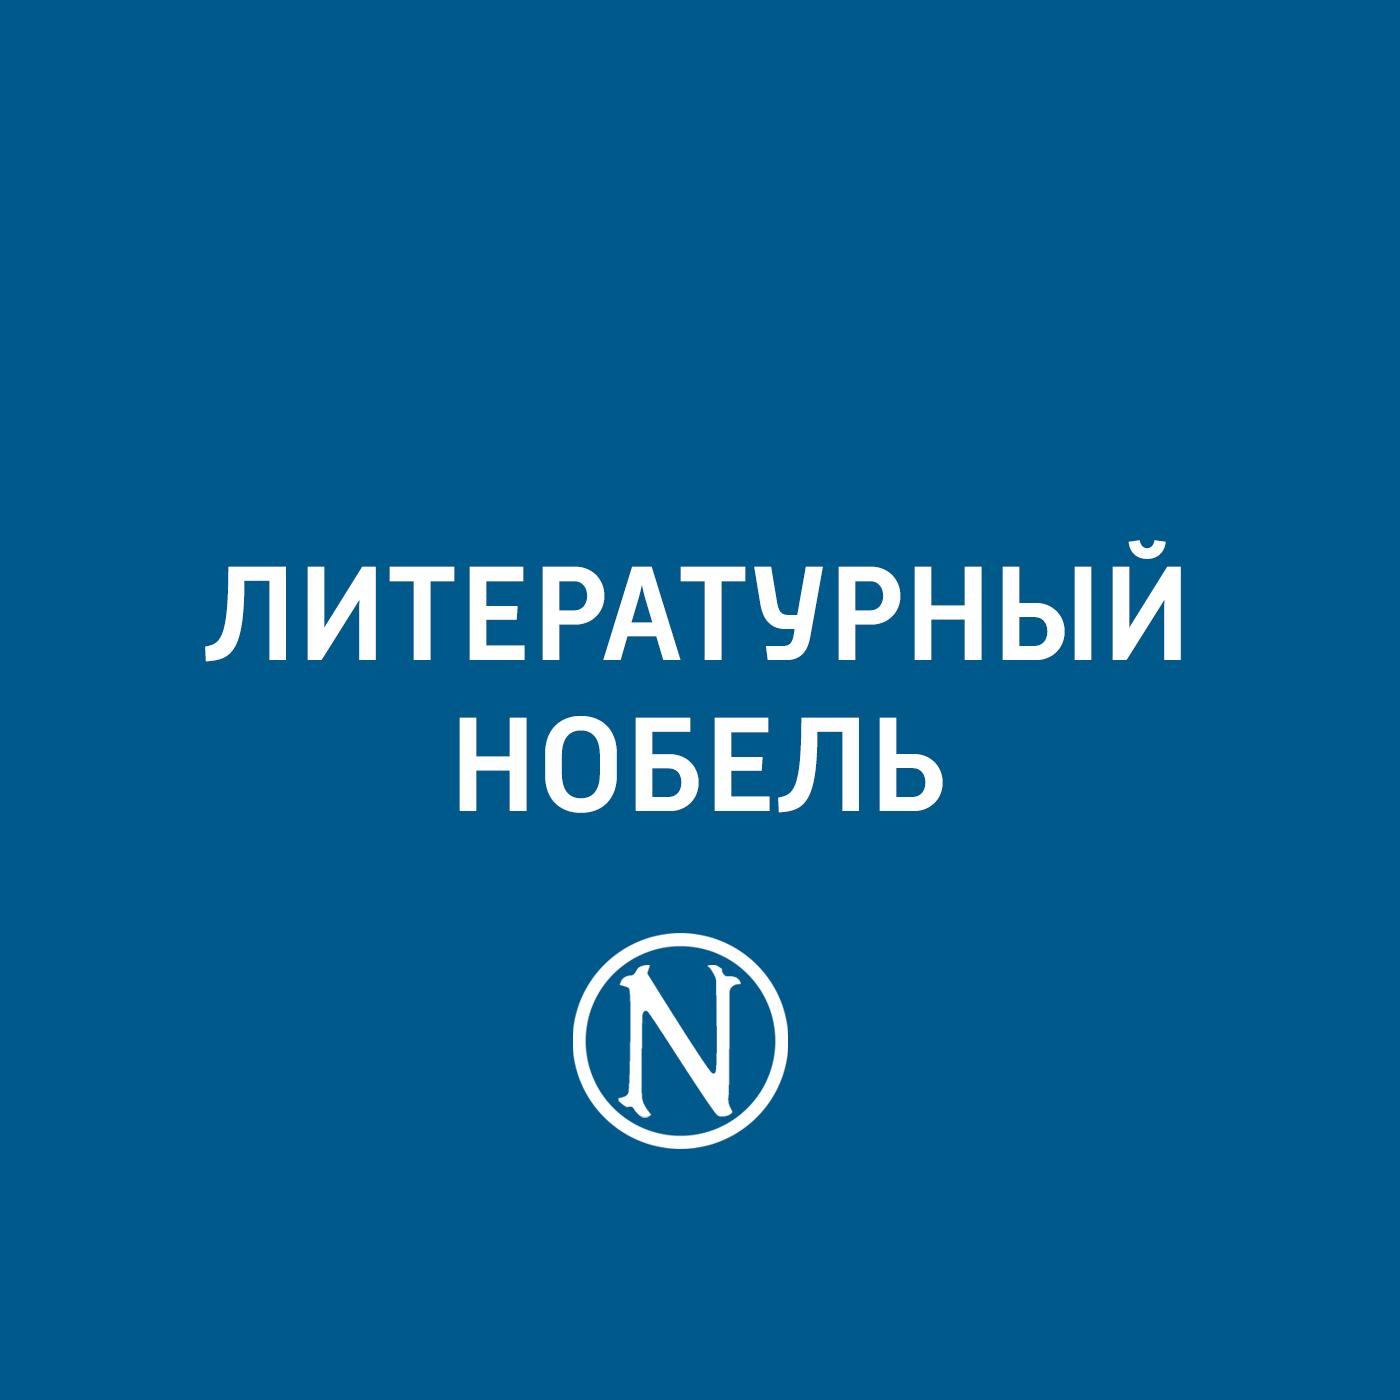 Евгений Стаховский Кнут Гамсун гамсун кнут голод